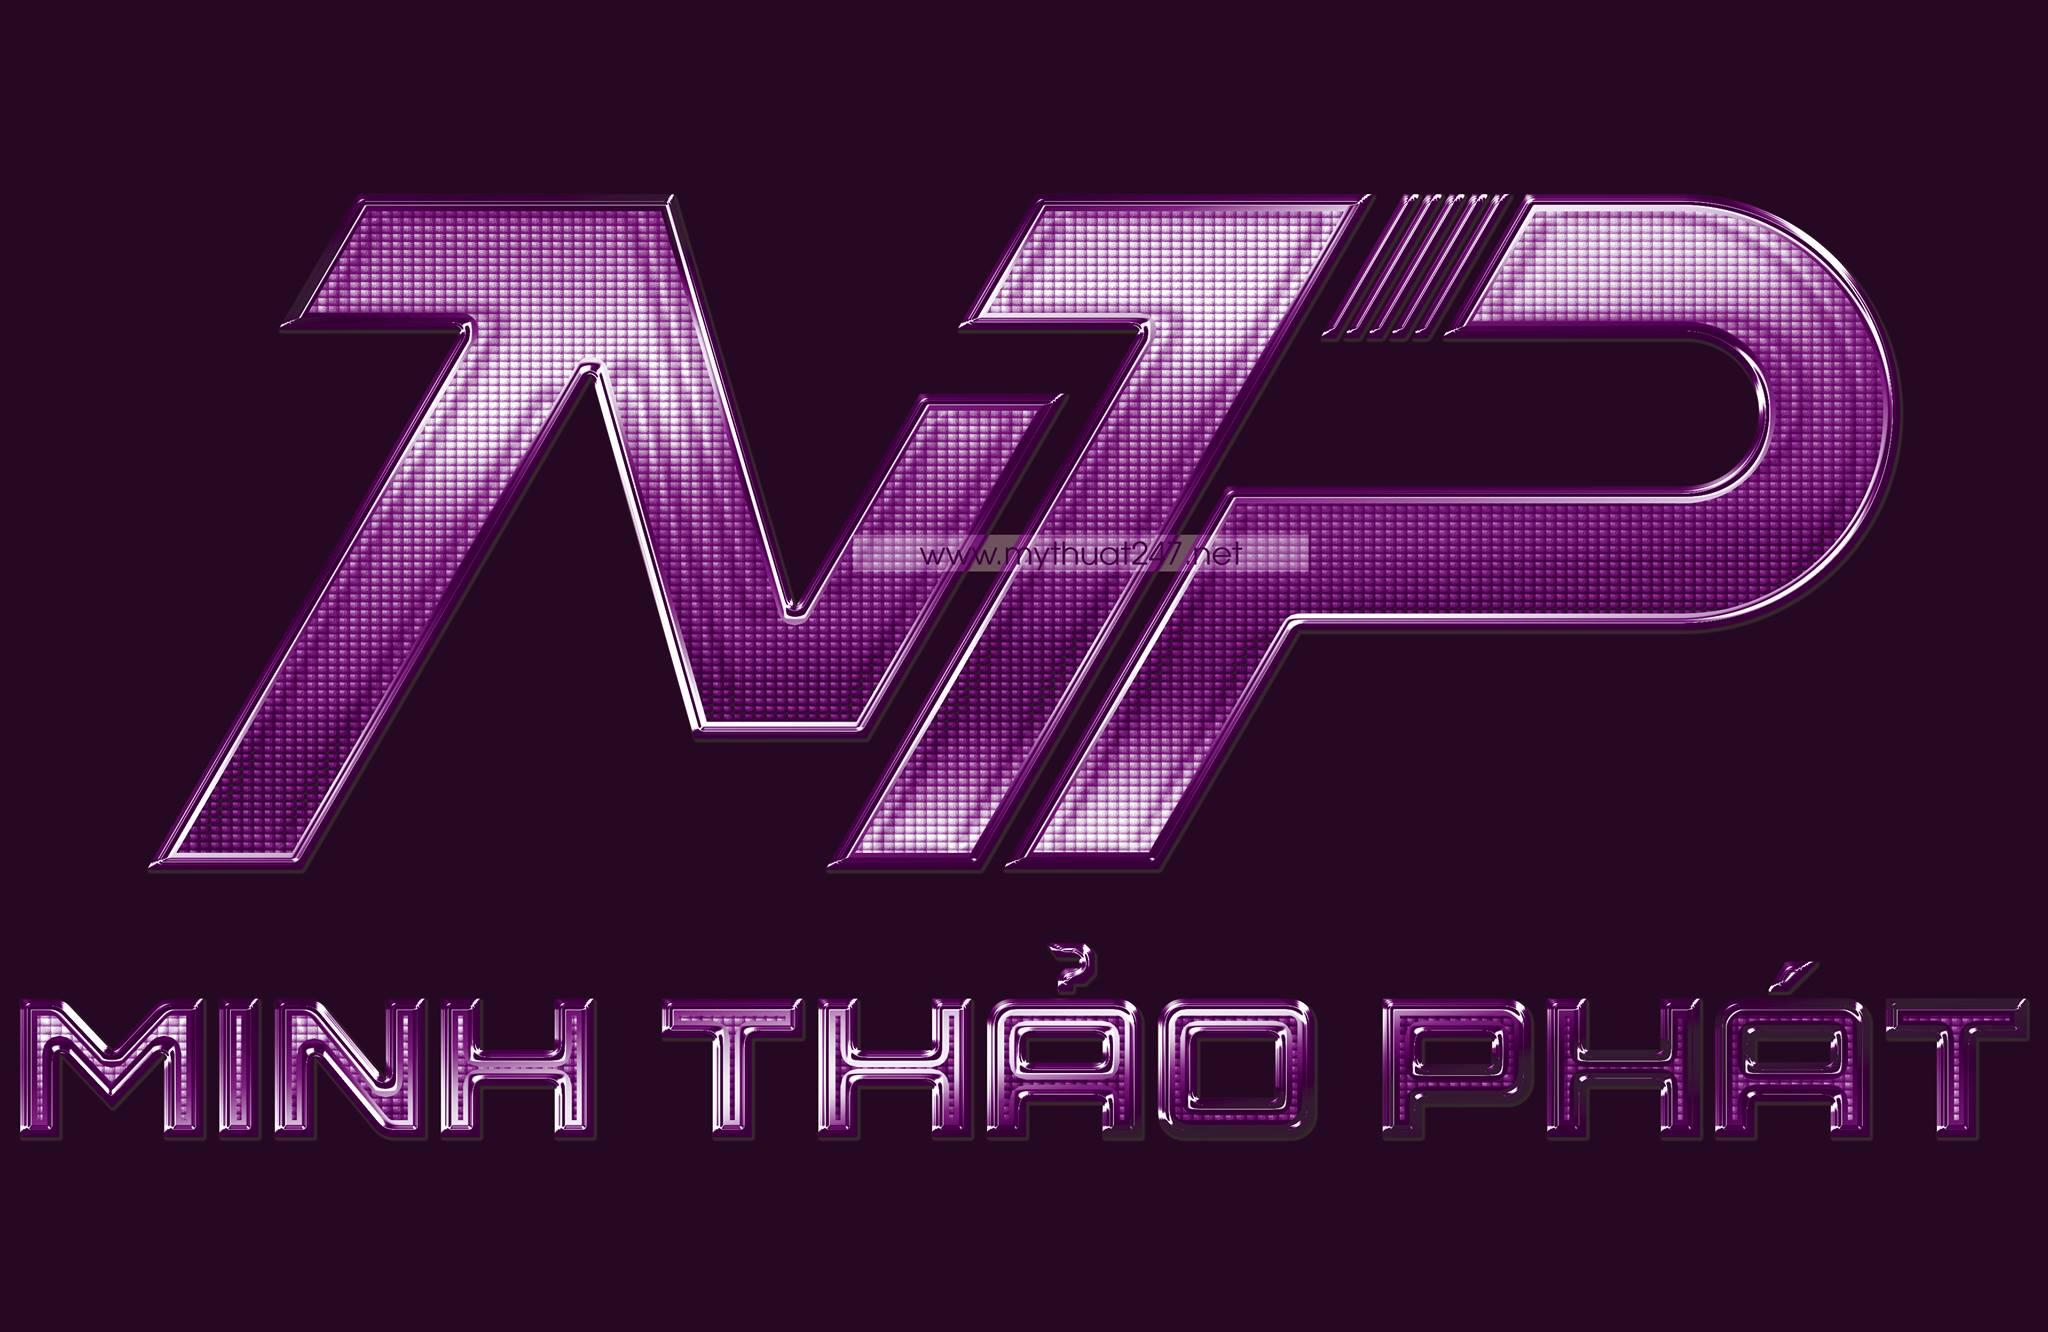 Thiết kế logo công ty tnhh cơ điện minh thảo phát